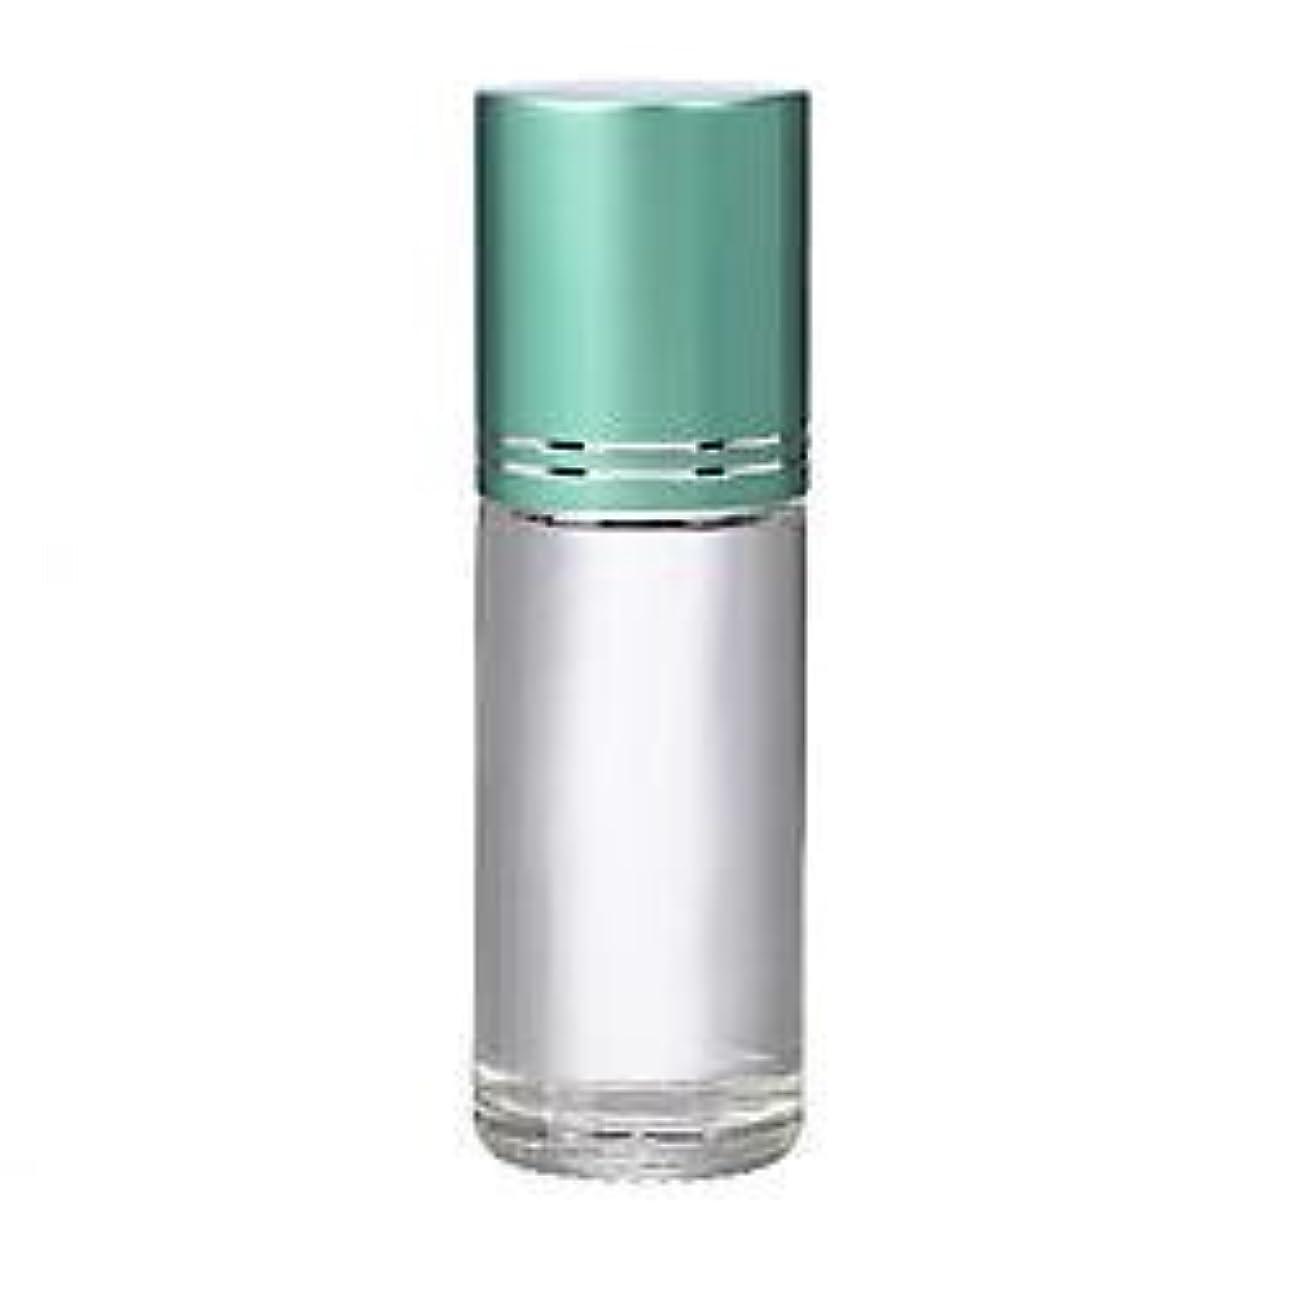 バースト錫気取らない4 Bottles Large 30ml Roll On Empty Glass Bottles for Essential Oils Refillable 1 Oz Glass Roller Ball Roll-On...